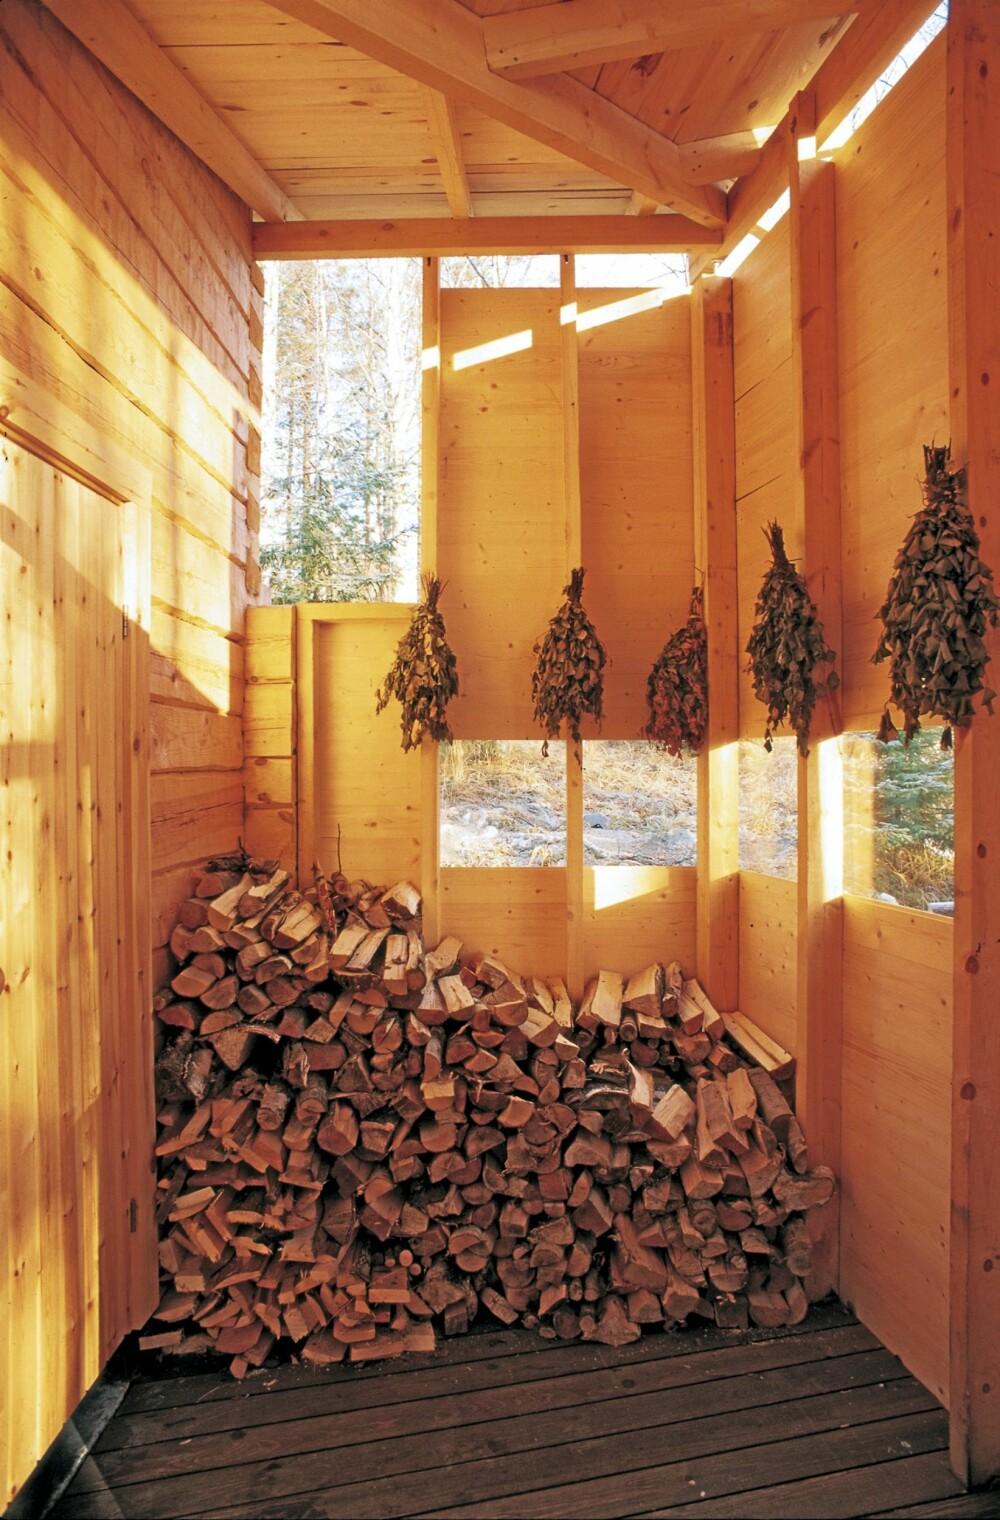 SLÅ LØS: I det  velorganiserte, åpne og overdekkete uterommet henger bjørkerisene klar til bruk.